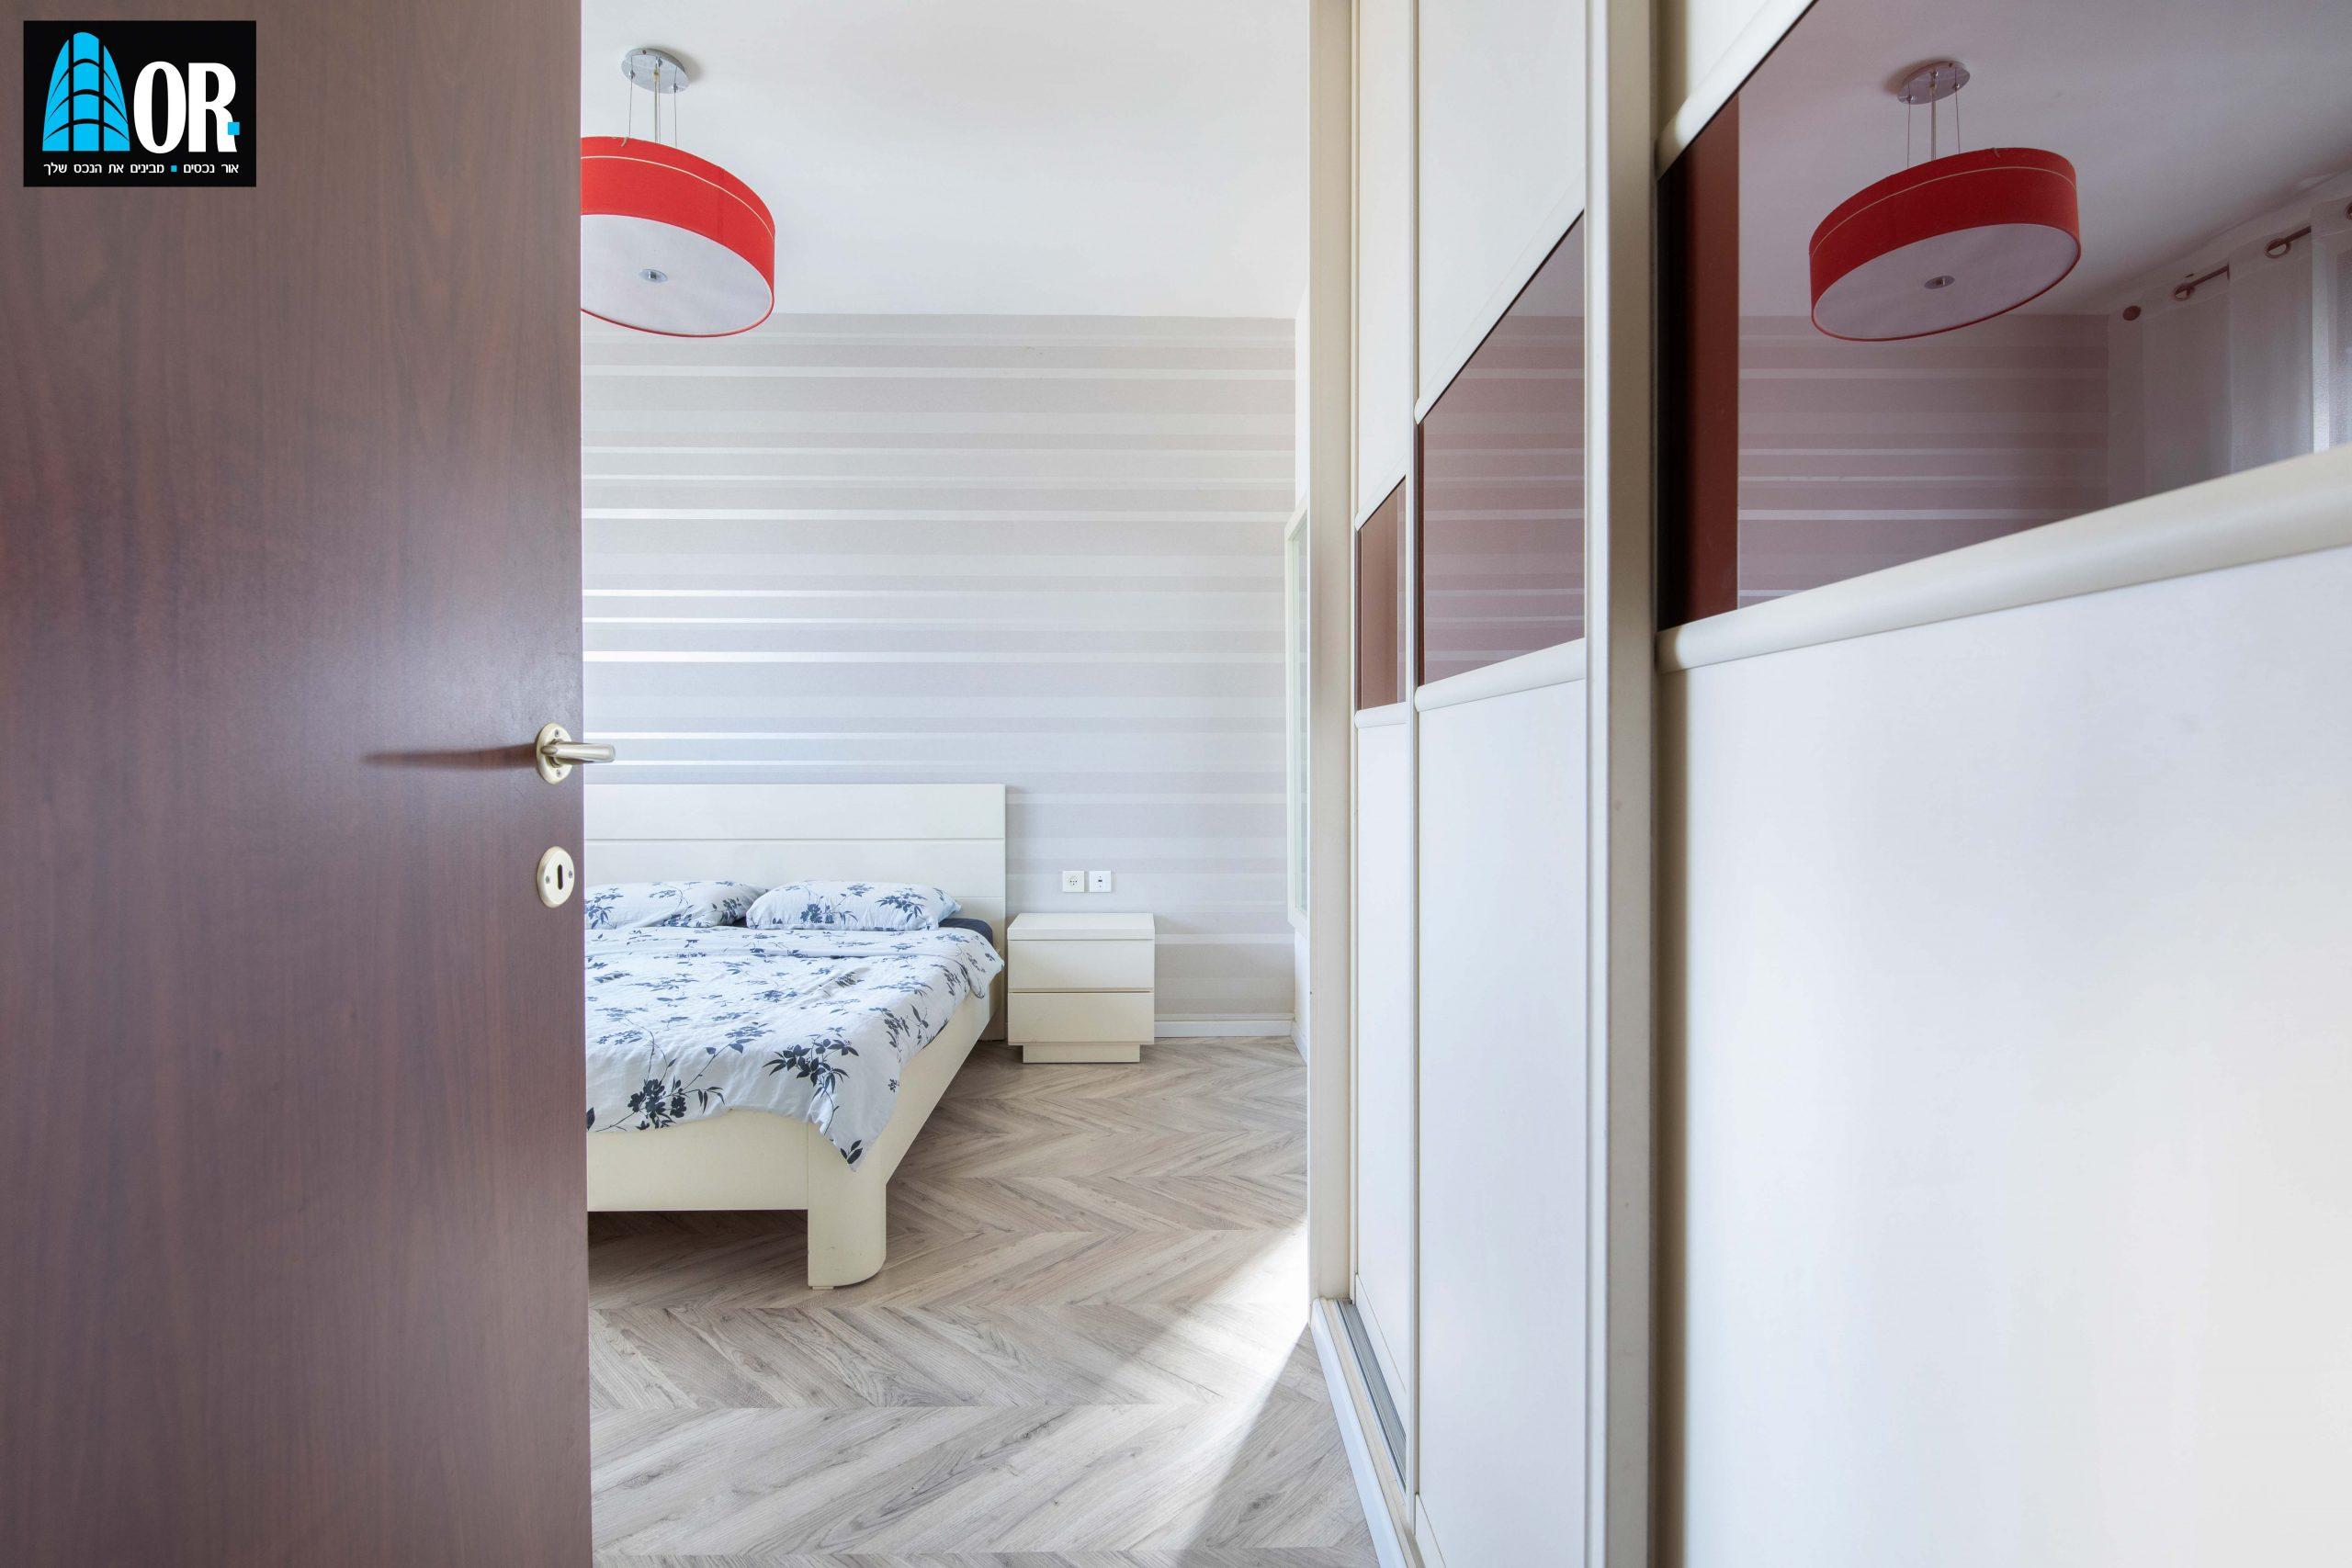 חדר הורים דירה 4 חדרים, שכונה פארק המושבה